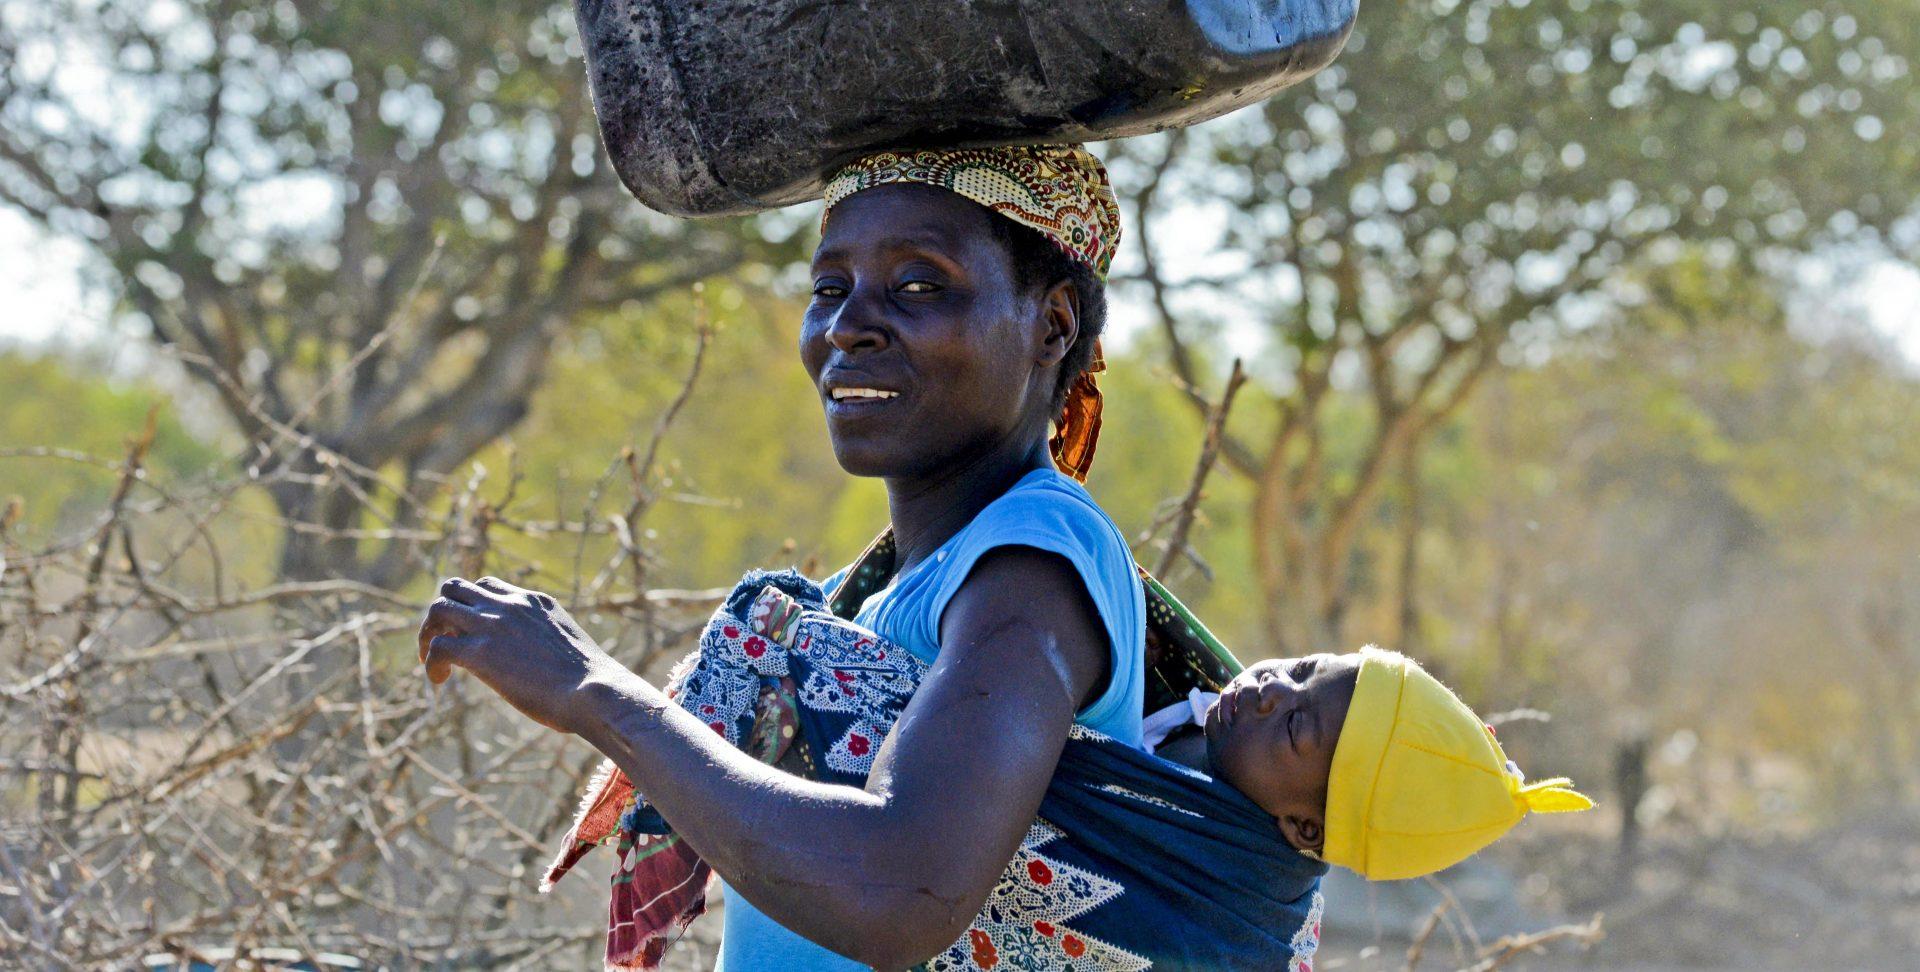 Quase 11.000 moçambicanos estão refugiados no Malauí para fugir a confrontos em Moçambique